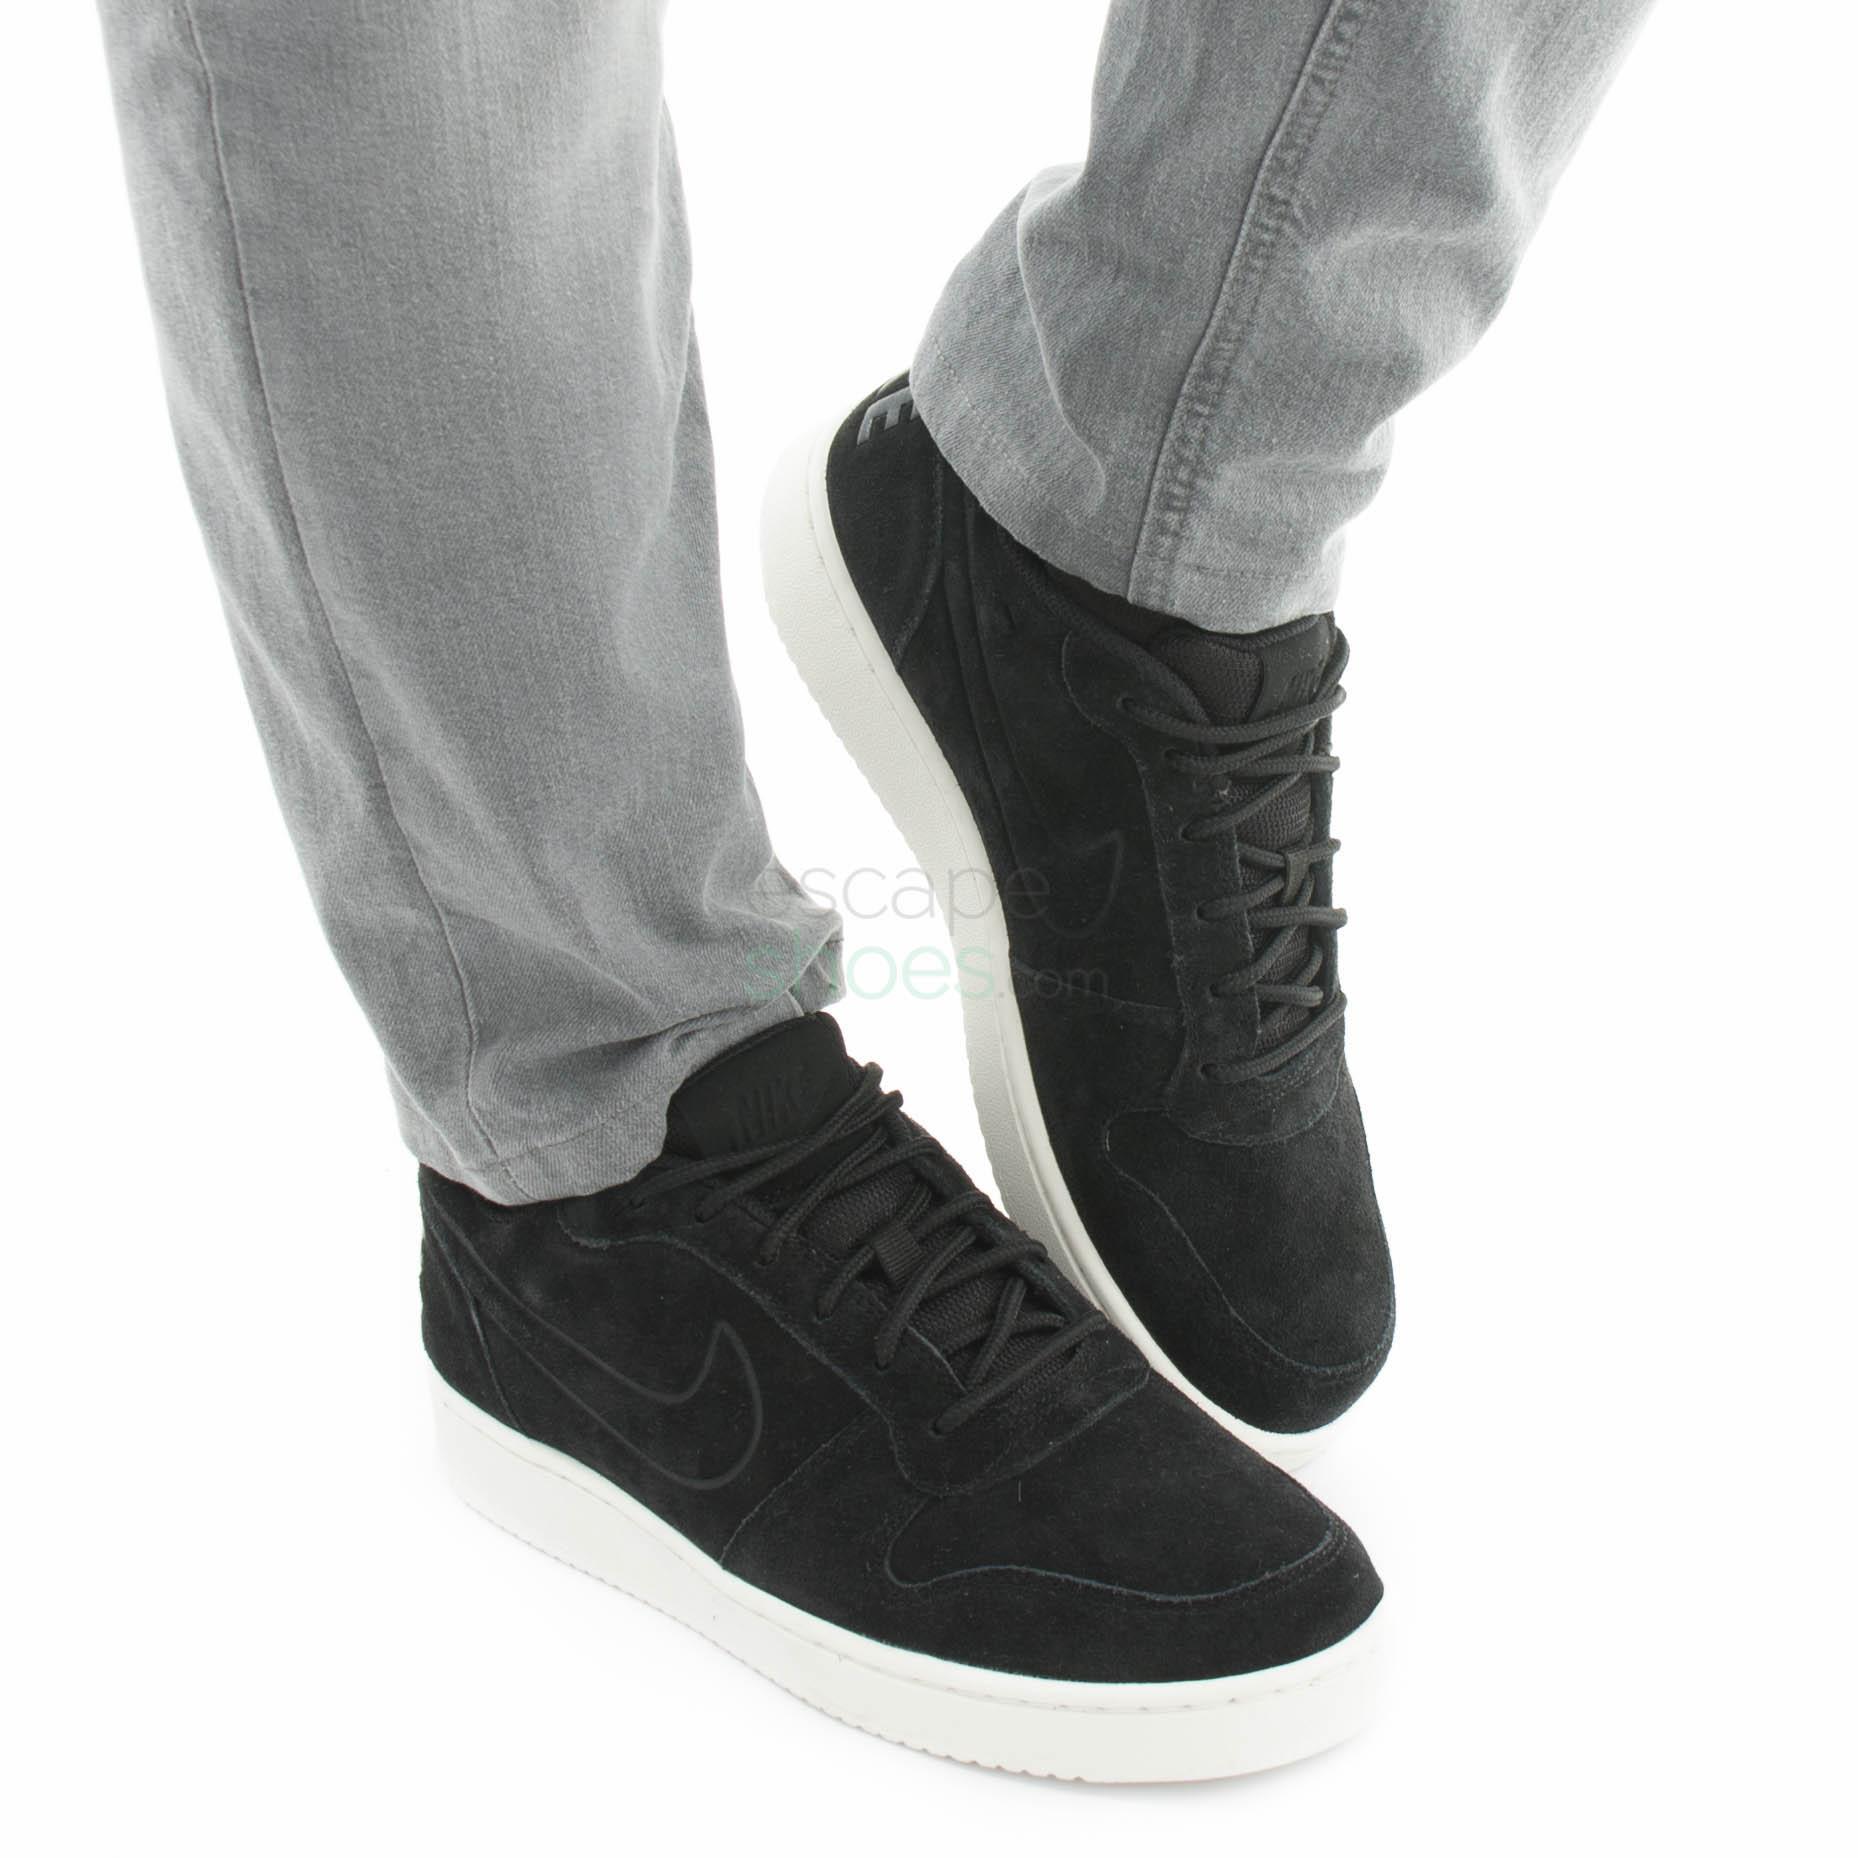 venta caliente última selección de 2019 valor fabuloso Sneakers NIKE Court Borough Low Prem Black 844881 007